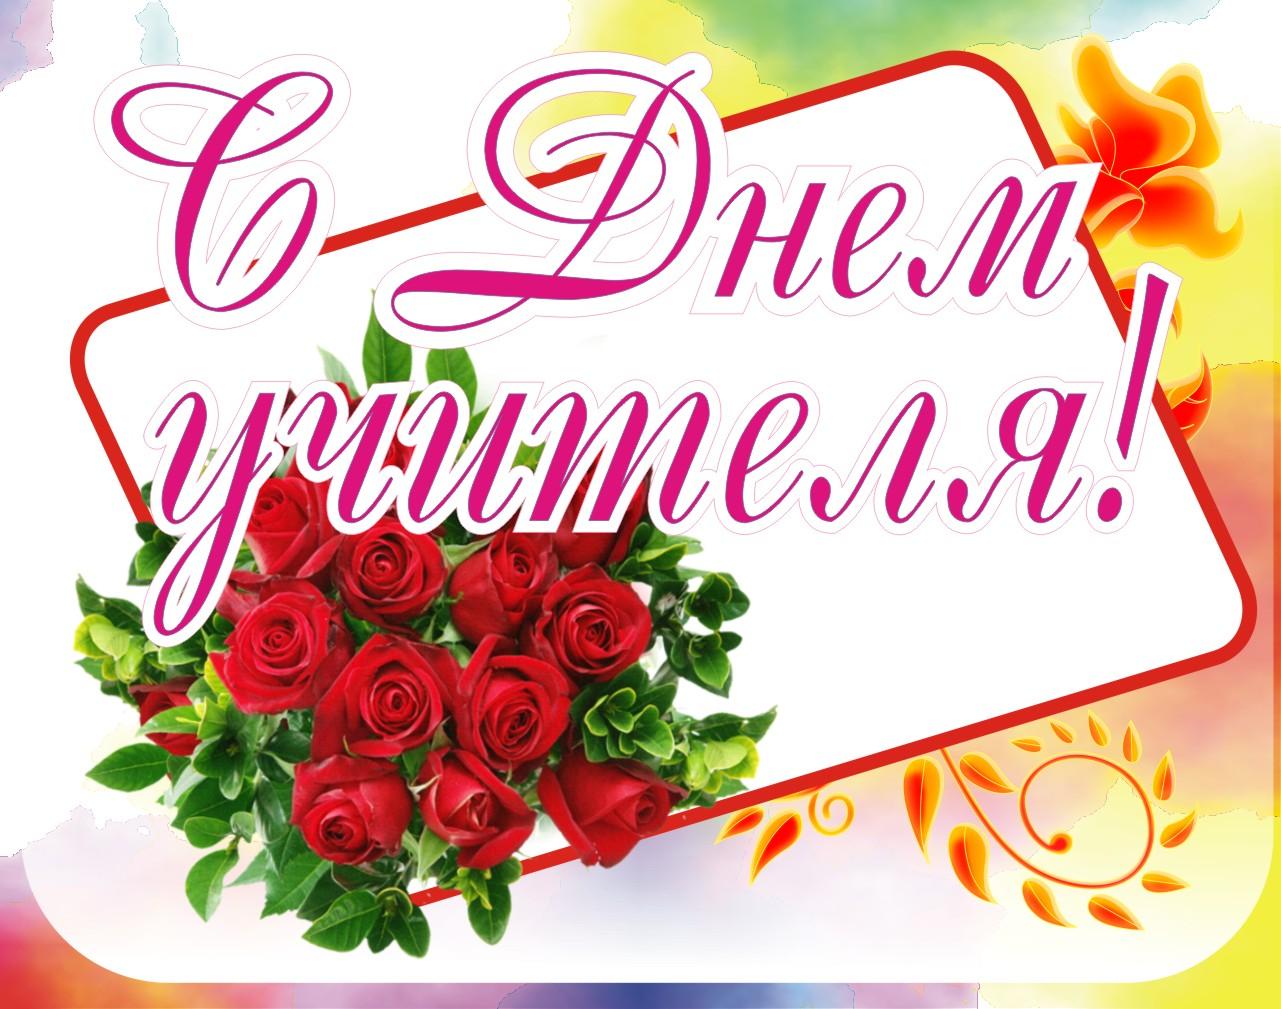 Открытки. День Учителя!  Поздравляем. Букет красных роз открытки фото рисунки картинки поздравления